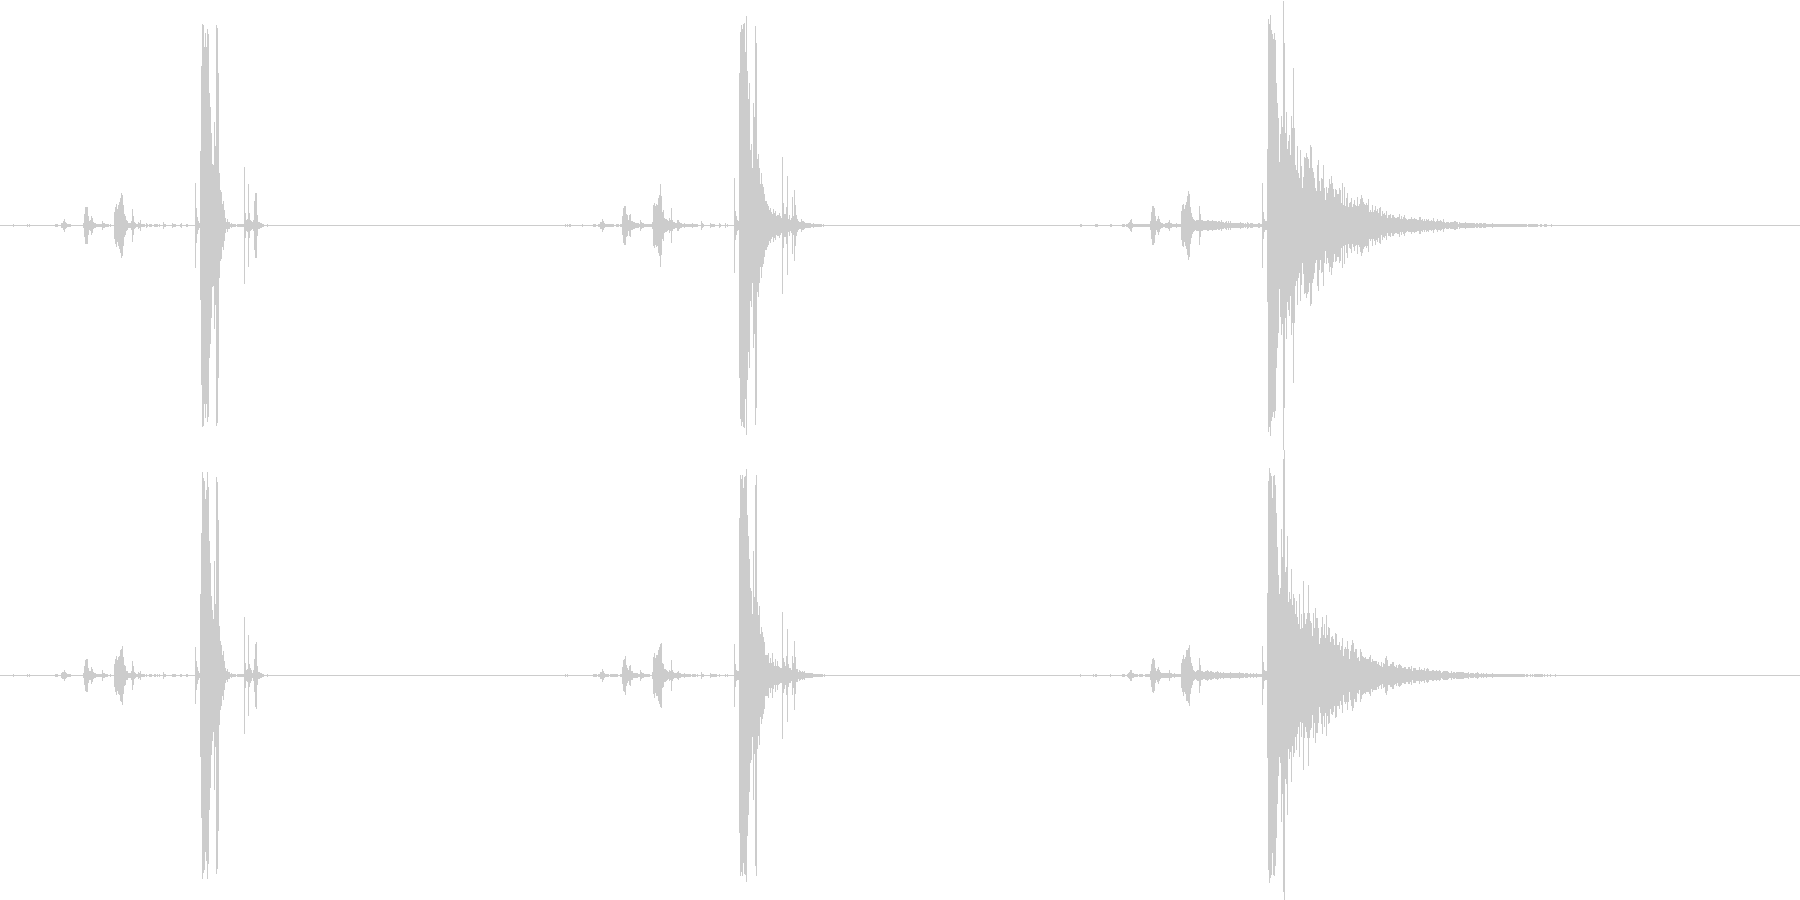 オープニング、クロージング、ボック...の未再生の波形